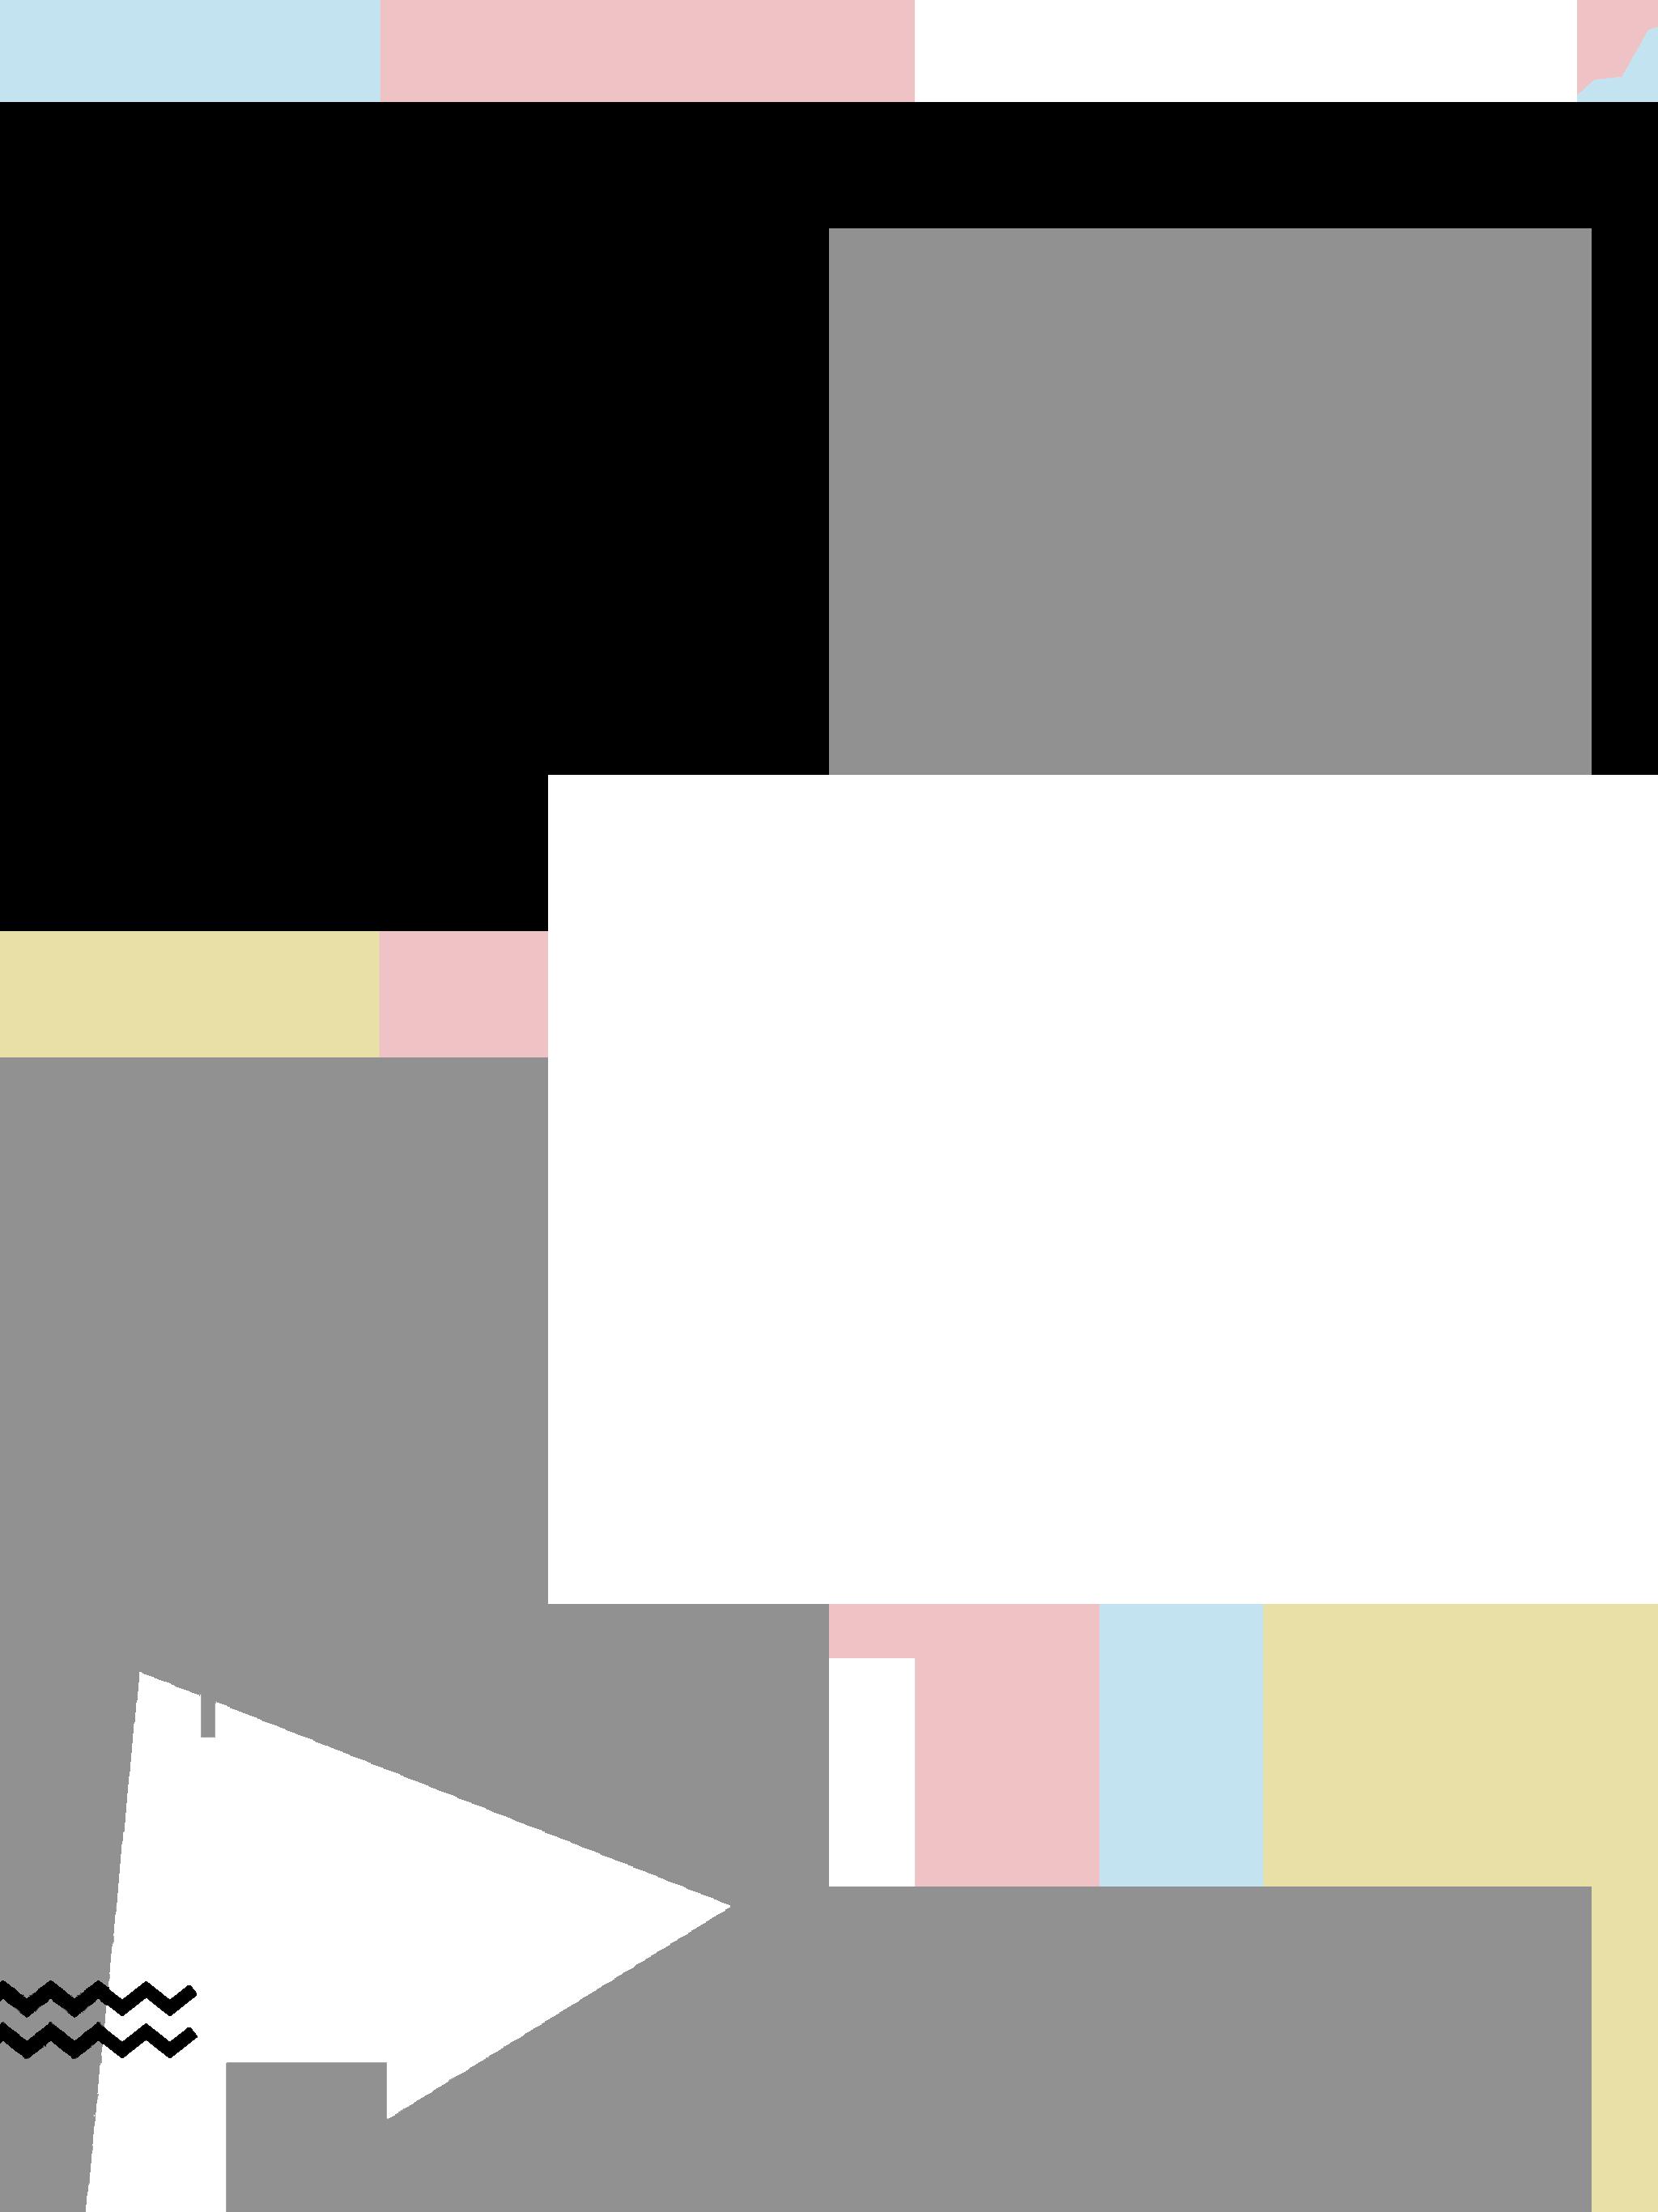 Ipad Vertical_2048x2732_80s_Black.png